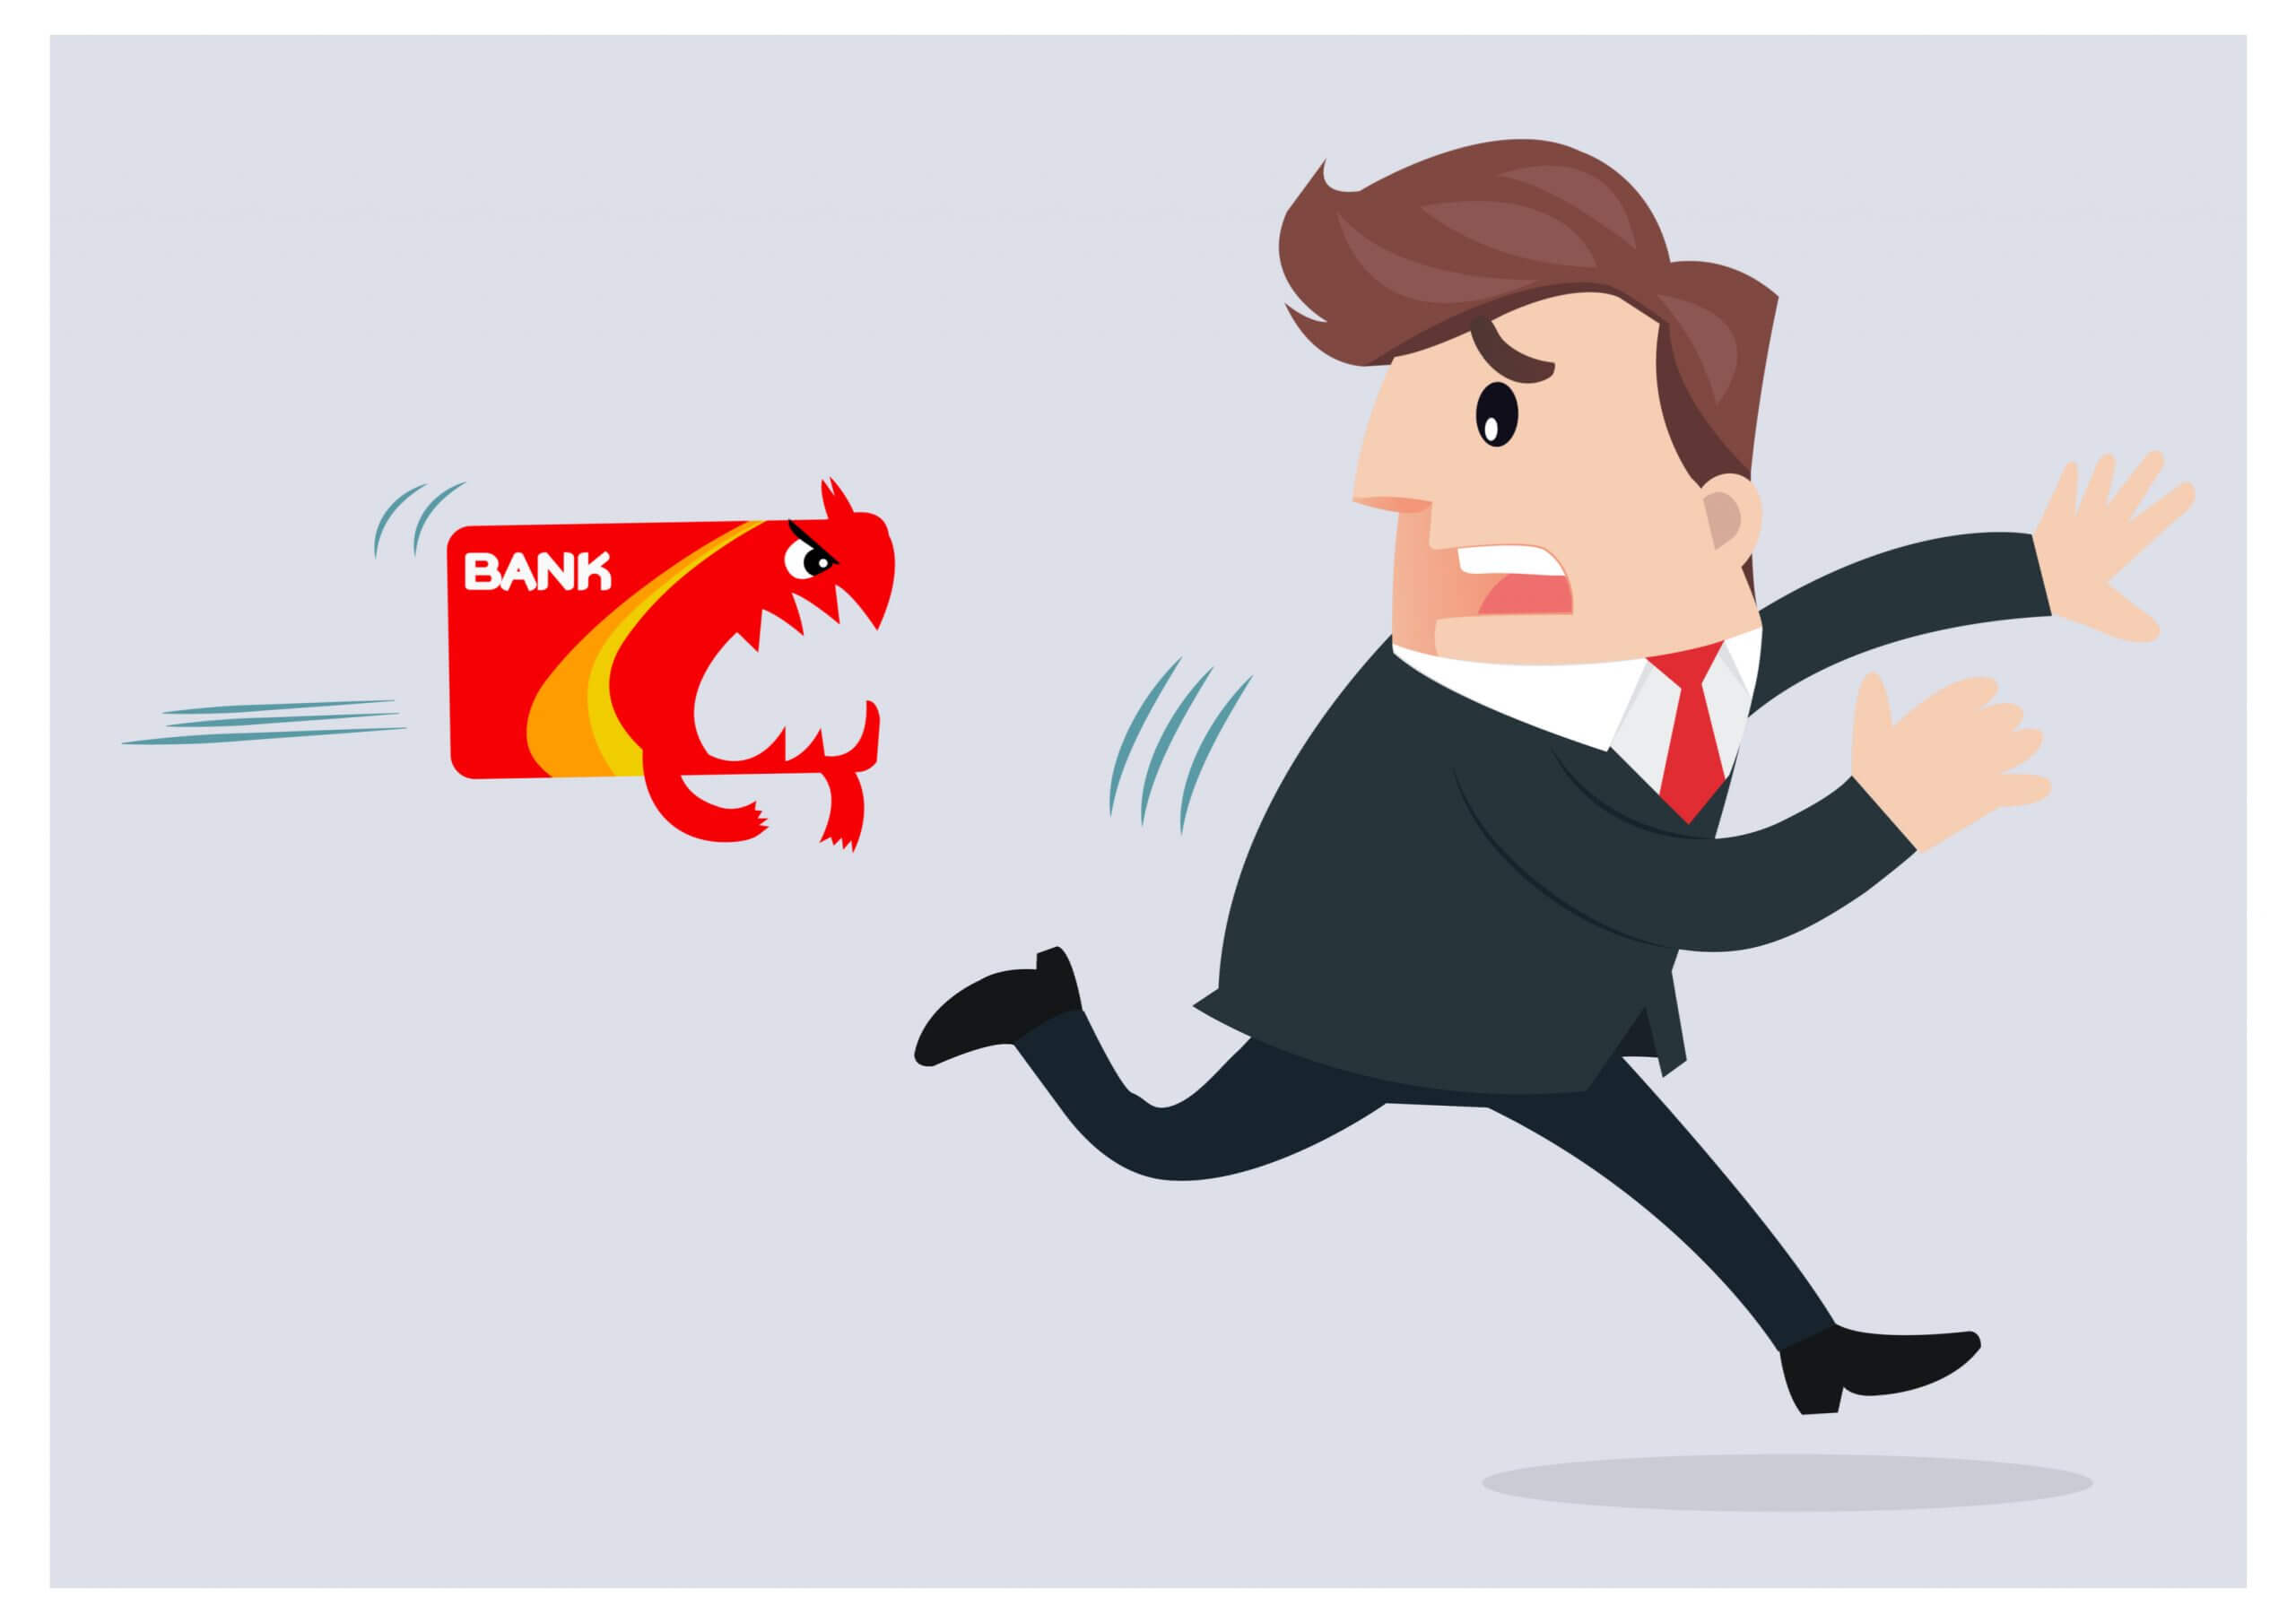 Bạn cần hủy thẻ tín dụng đúng cách để tránh mất tiền oan